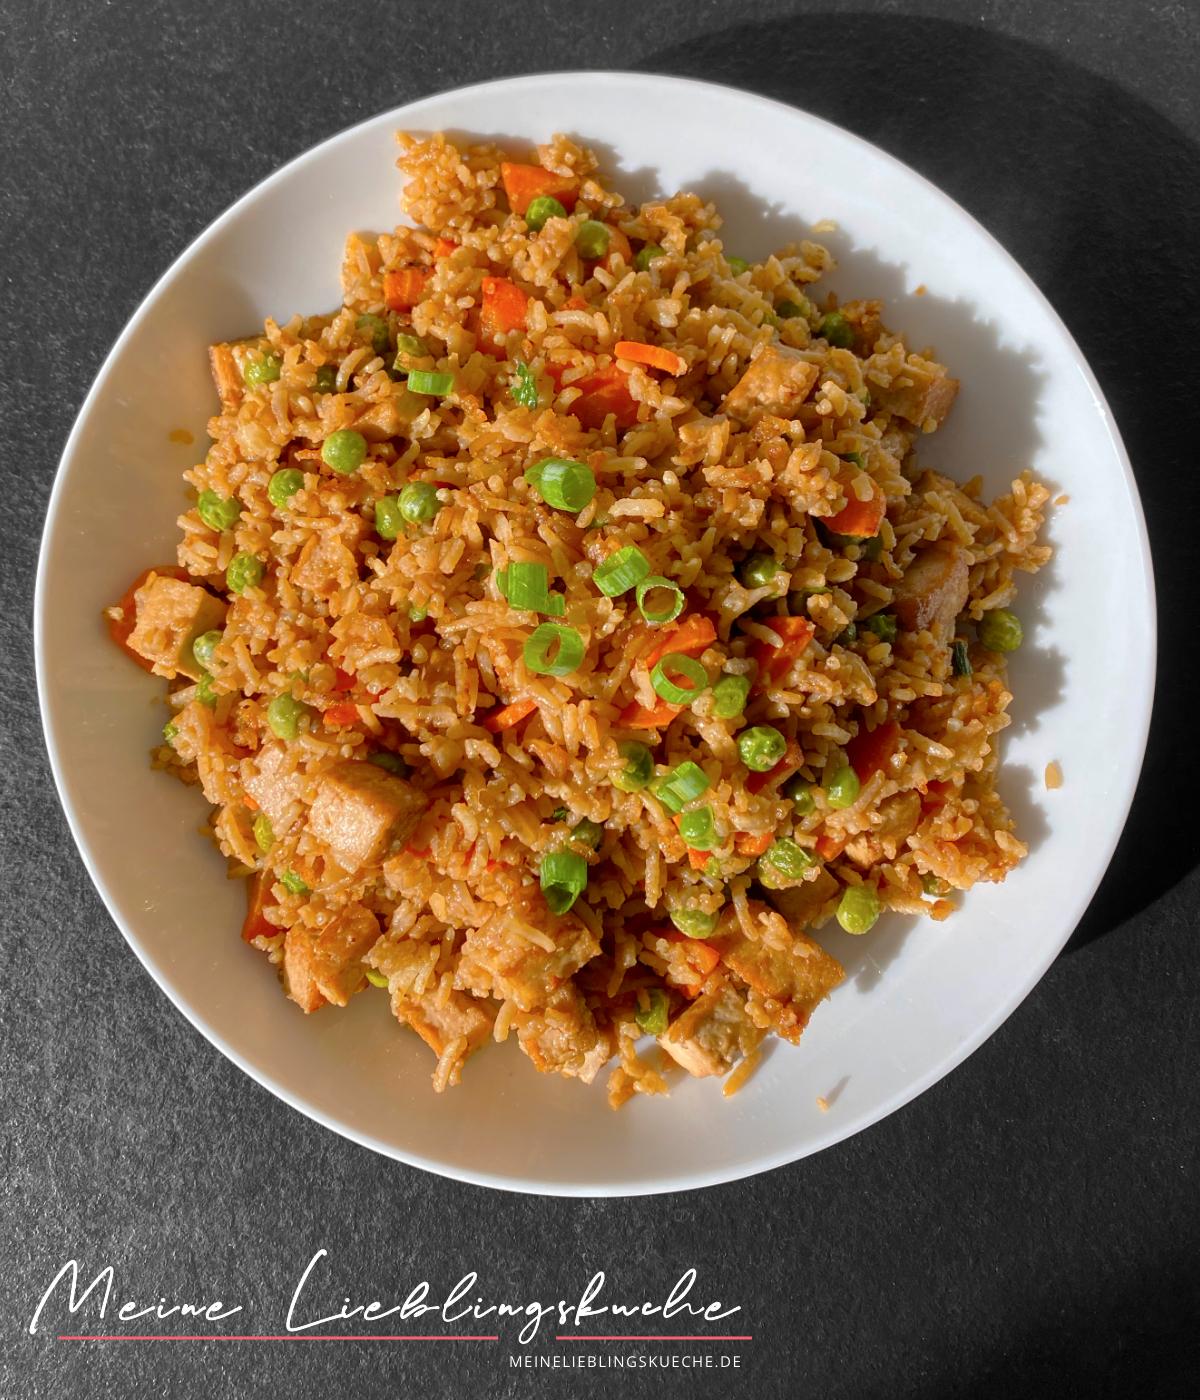 Gebratener Reis mit knusprigem Tofu und Gemüse